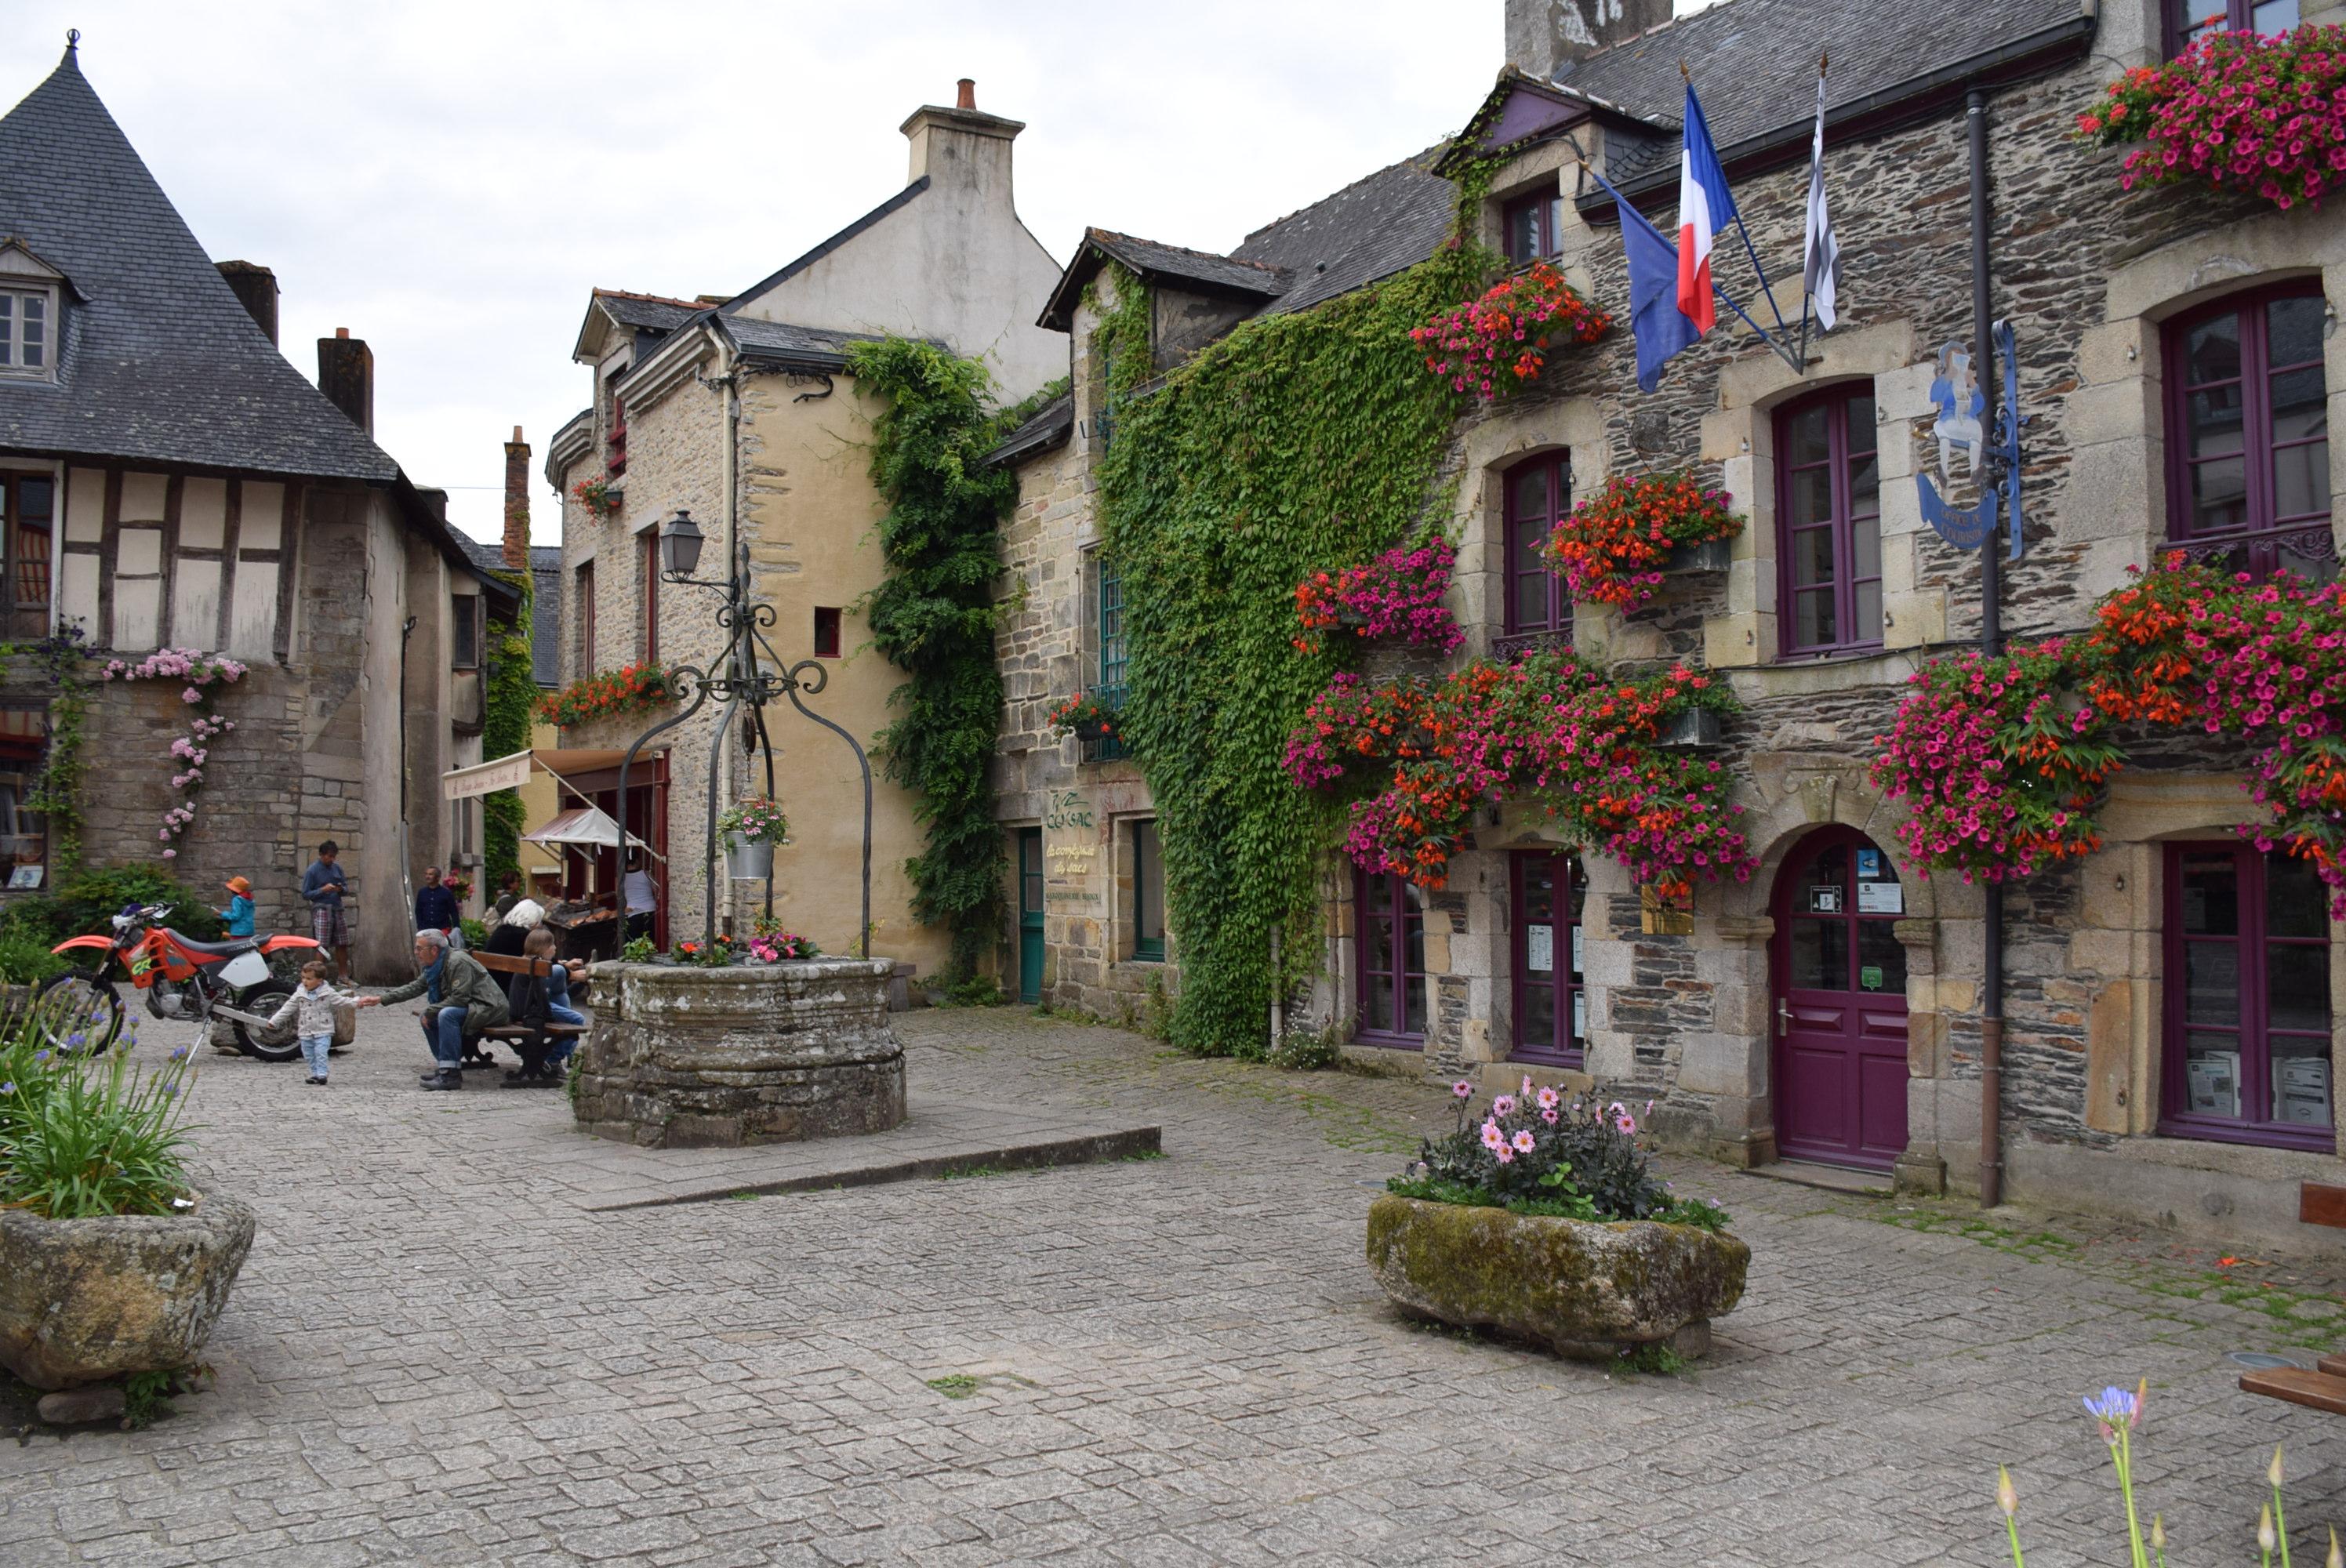 Femeie Cautare in Bretania